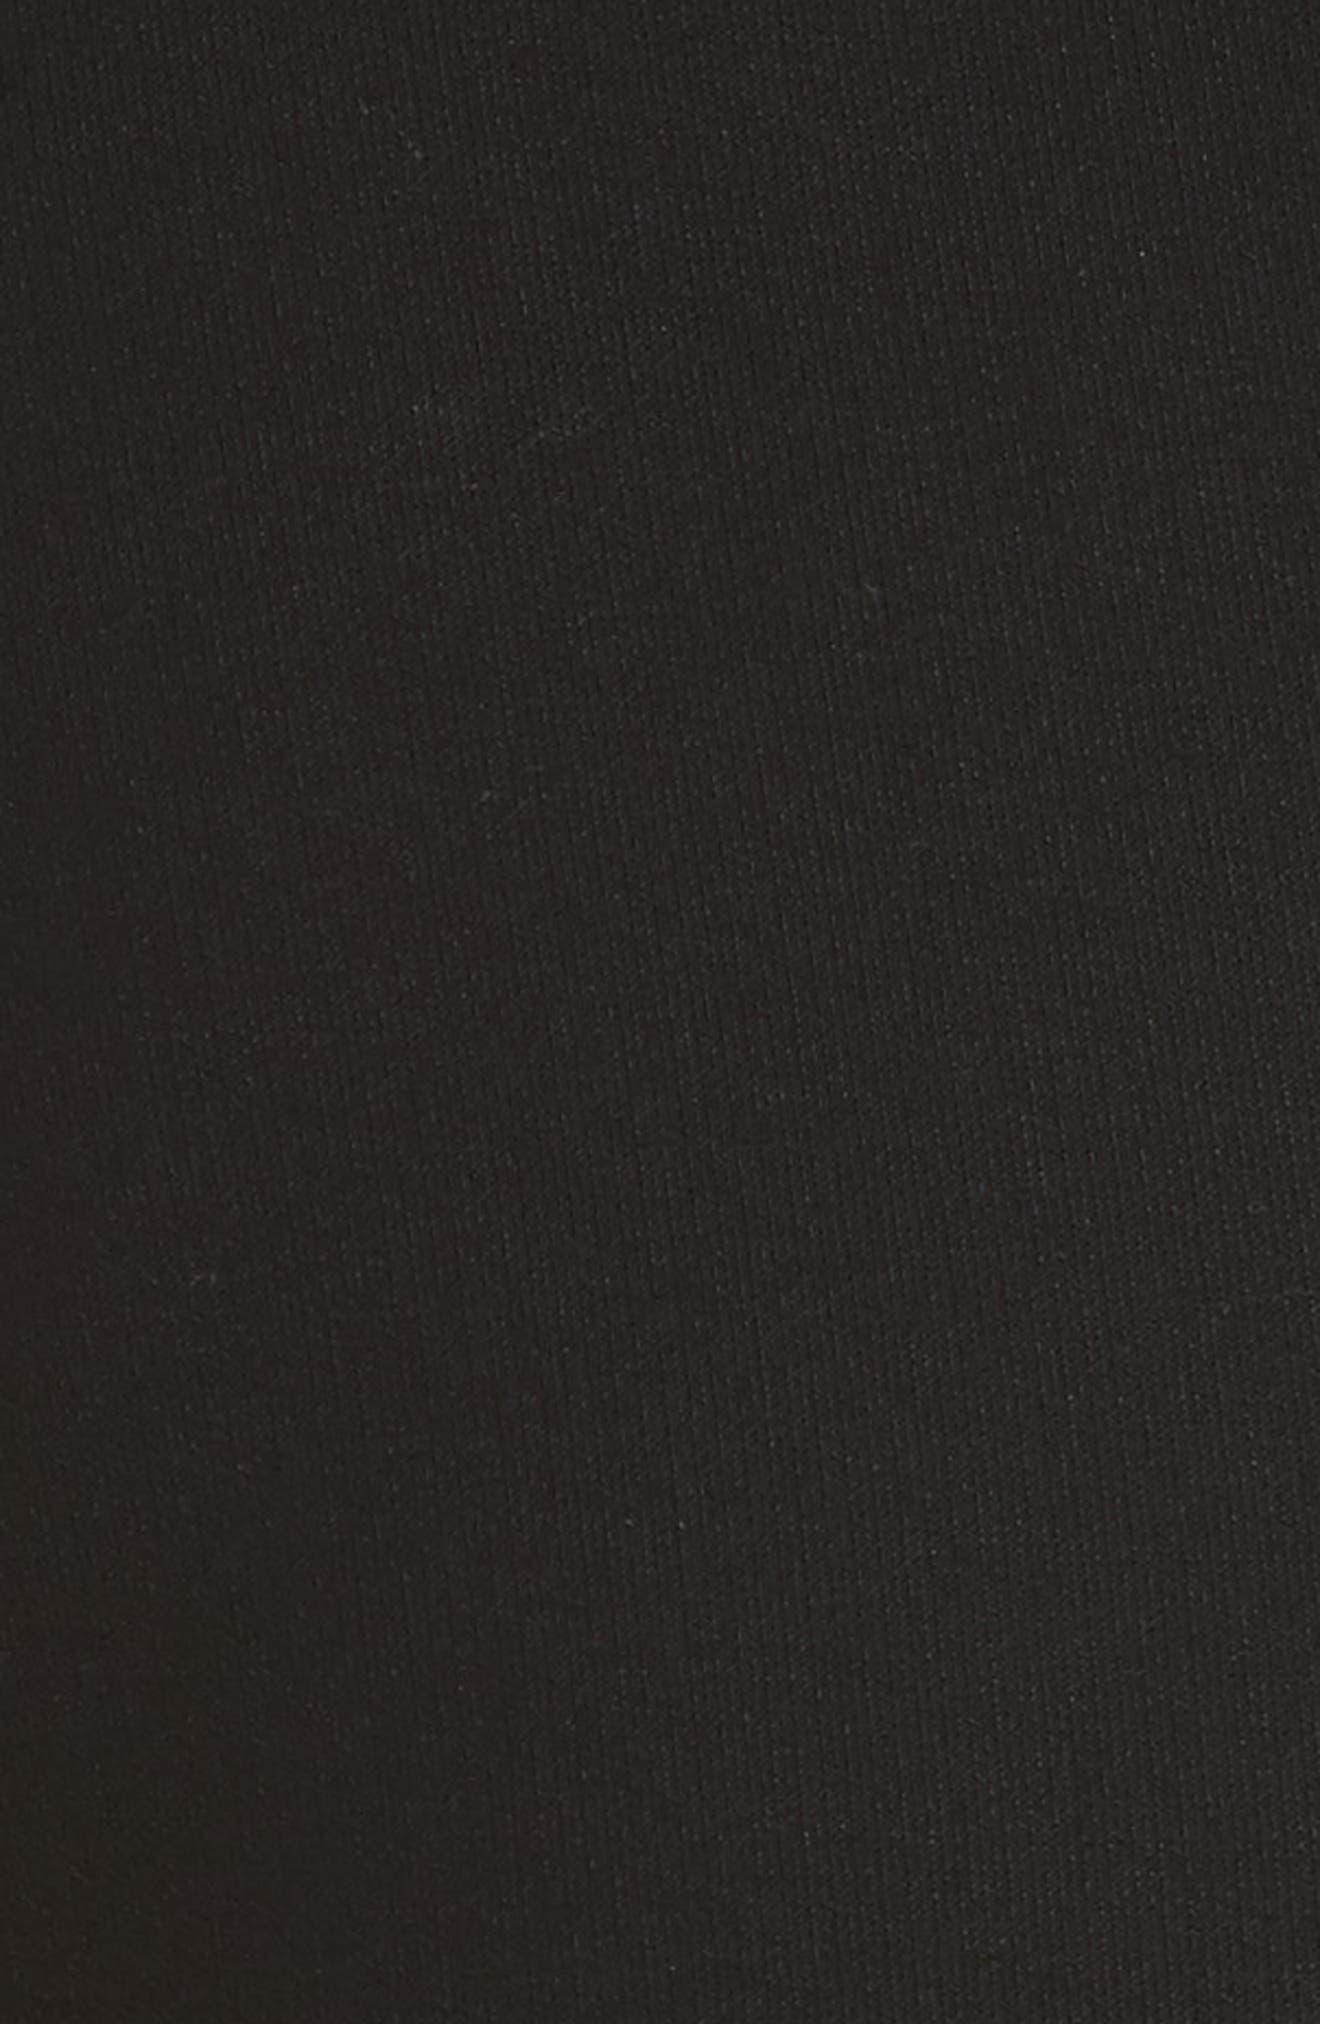 Ava Grommet Minidress,                             Alternate thumbnail 5, color,                             001